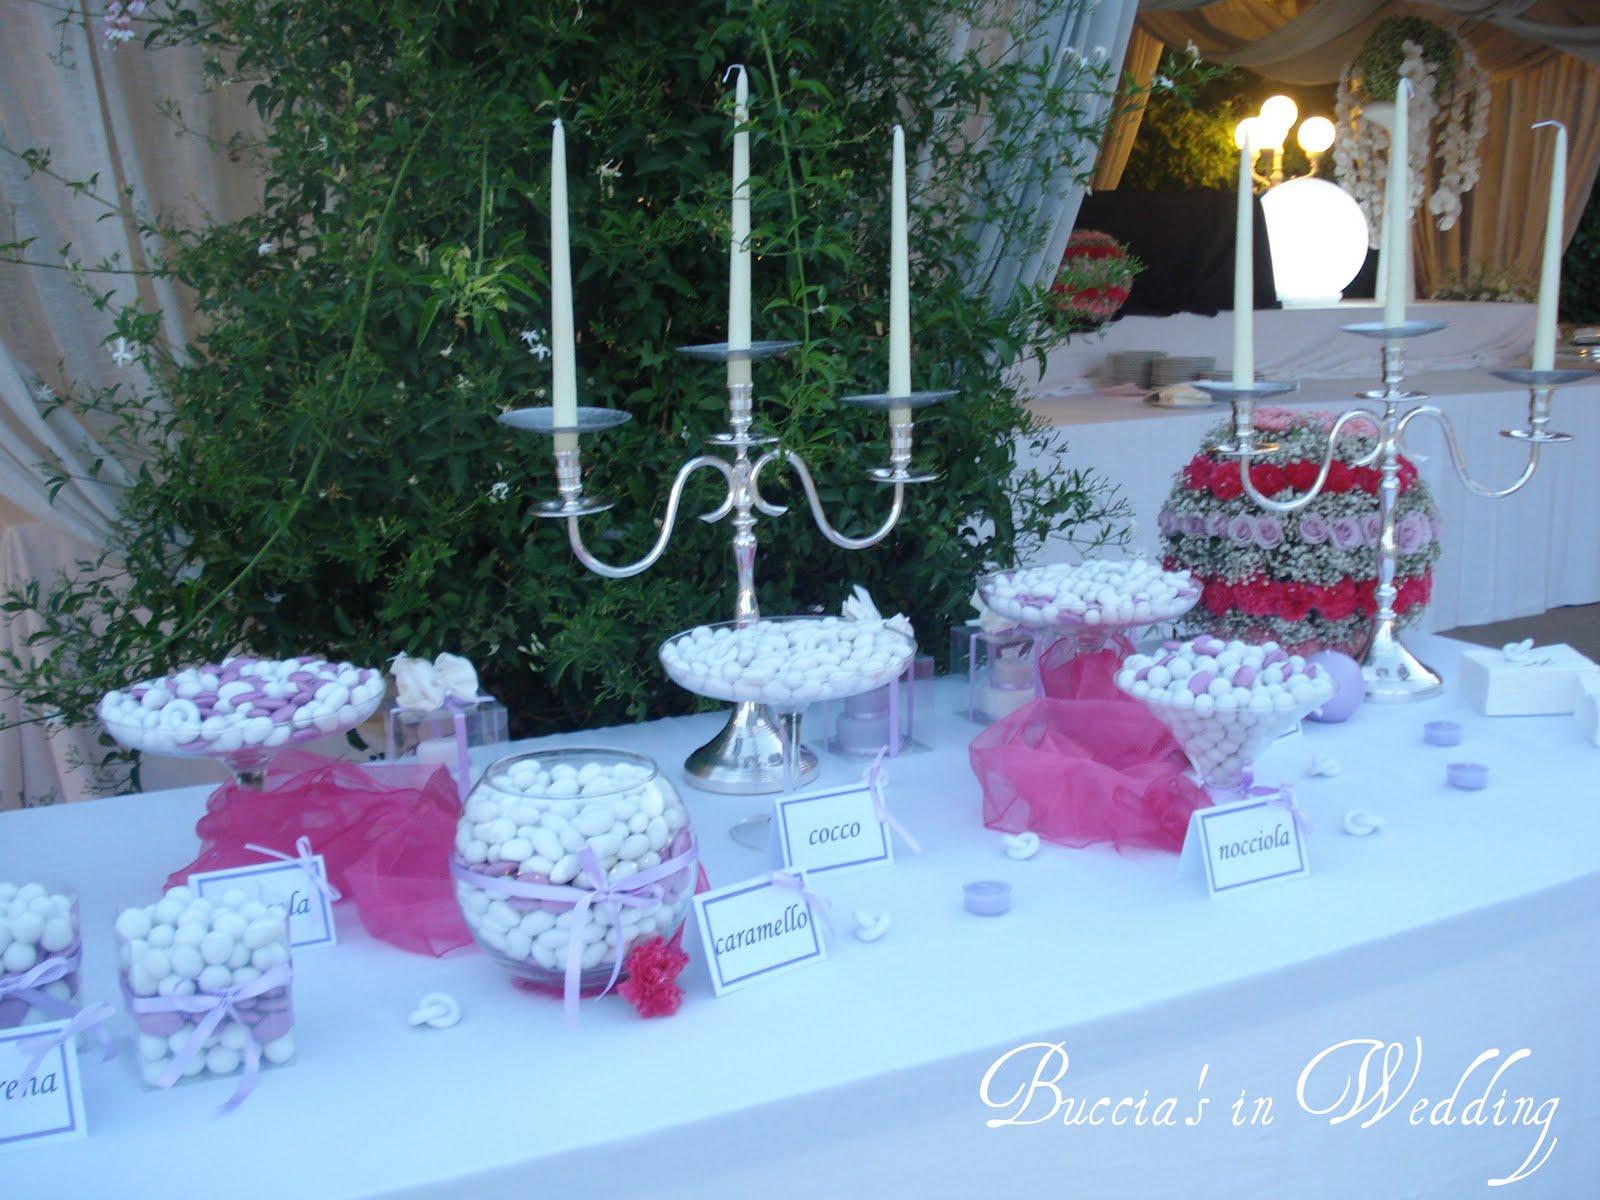 Buccia S Cakes Allestimento Matrimonio Glicine